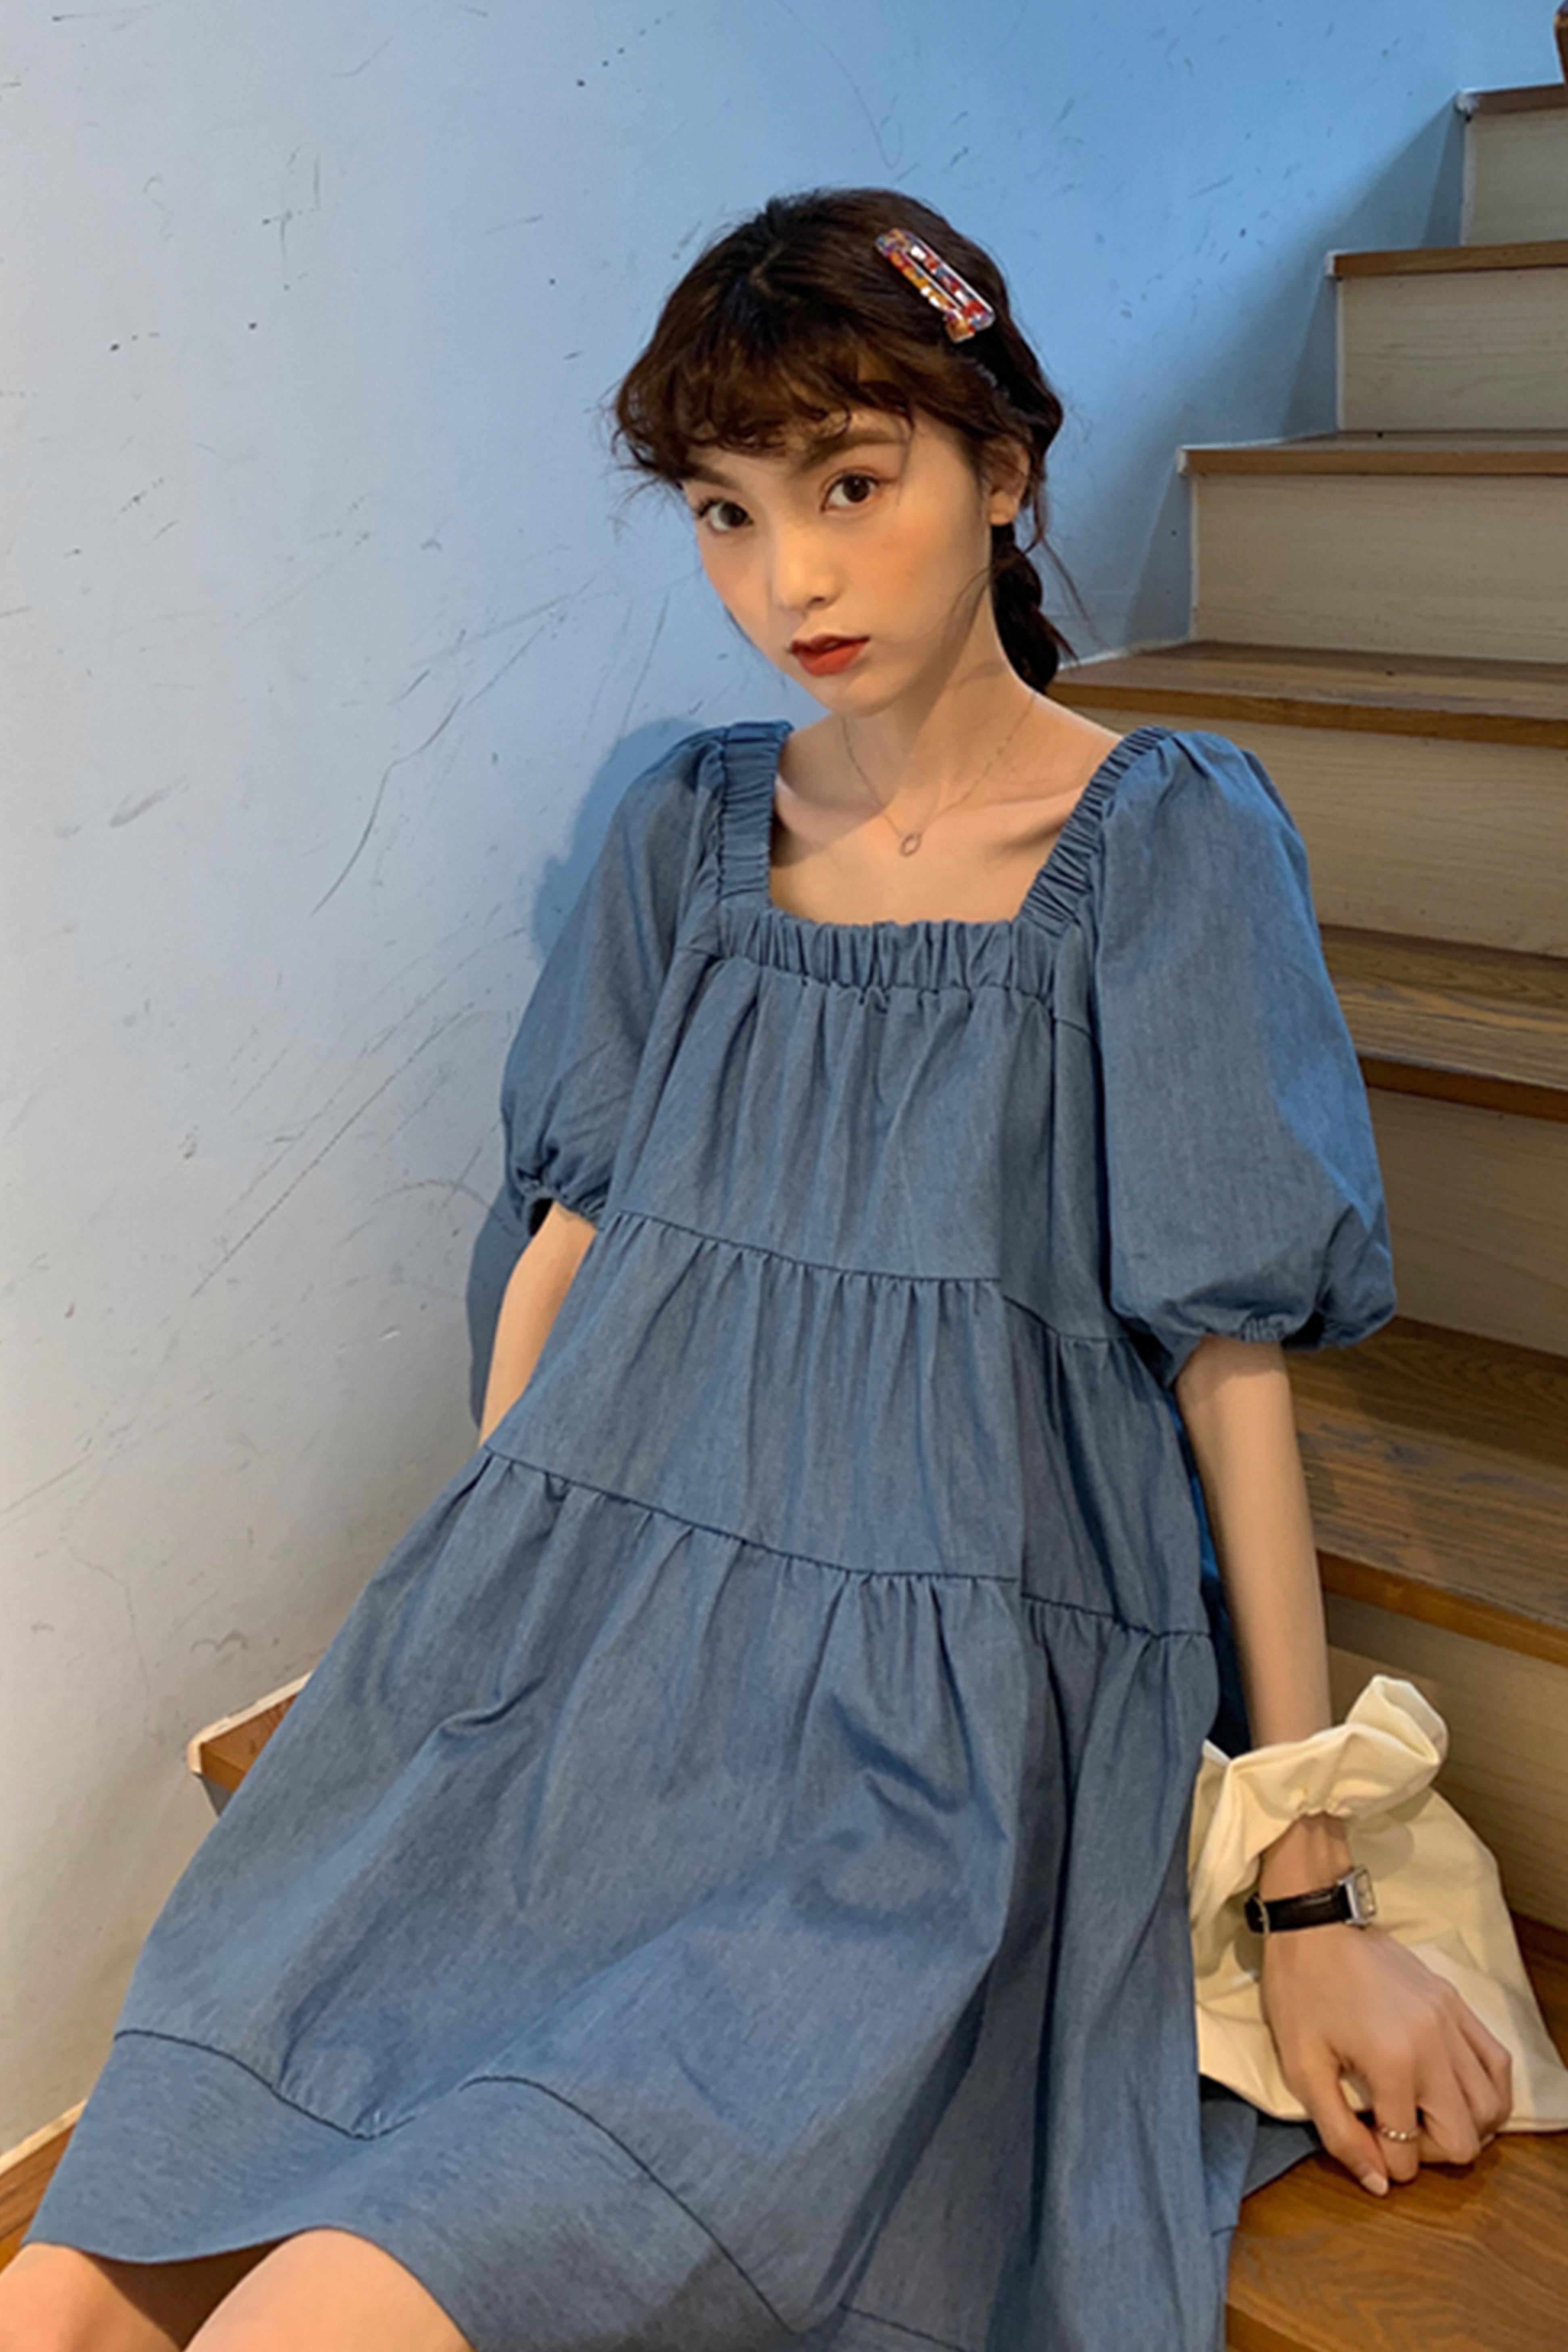 法式方领学生娃娃裙2020新款韩版宽松蓝色泡泡袖小个子连衣裙